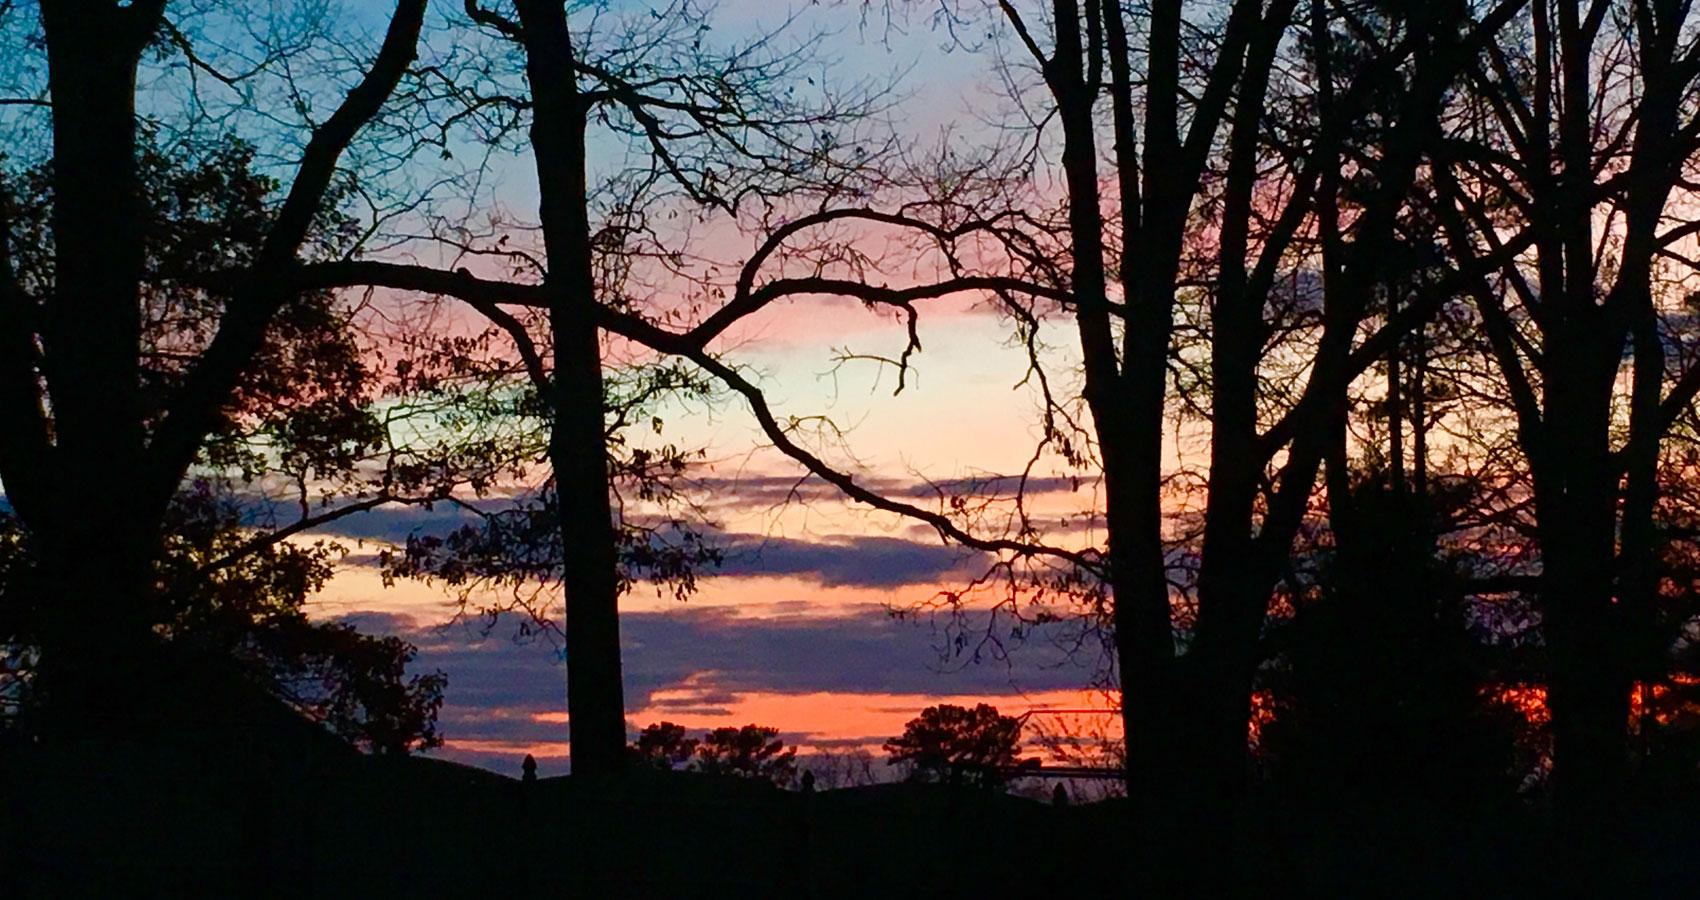 Daily Run written by Sue Vanderbergat Spillwords.com